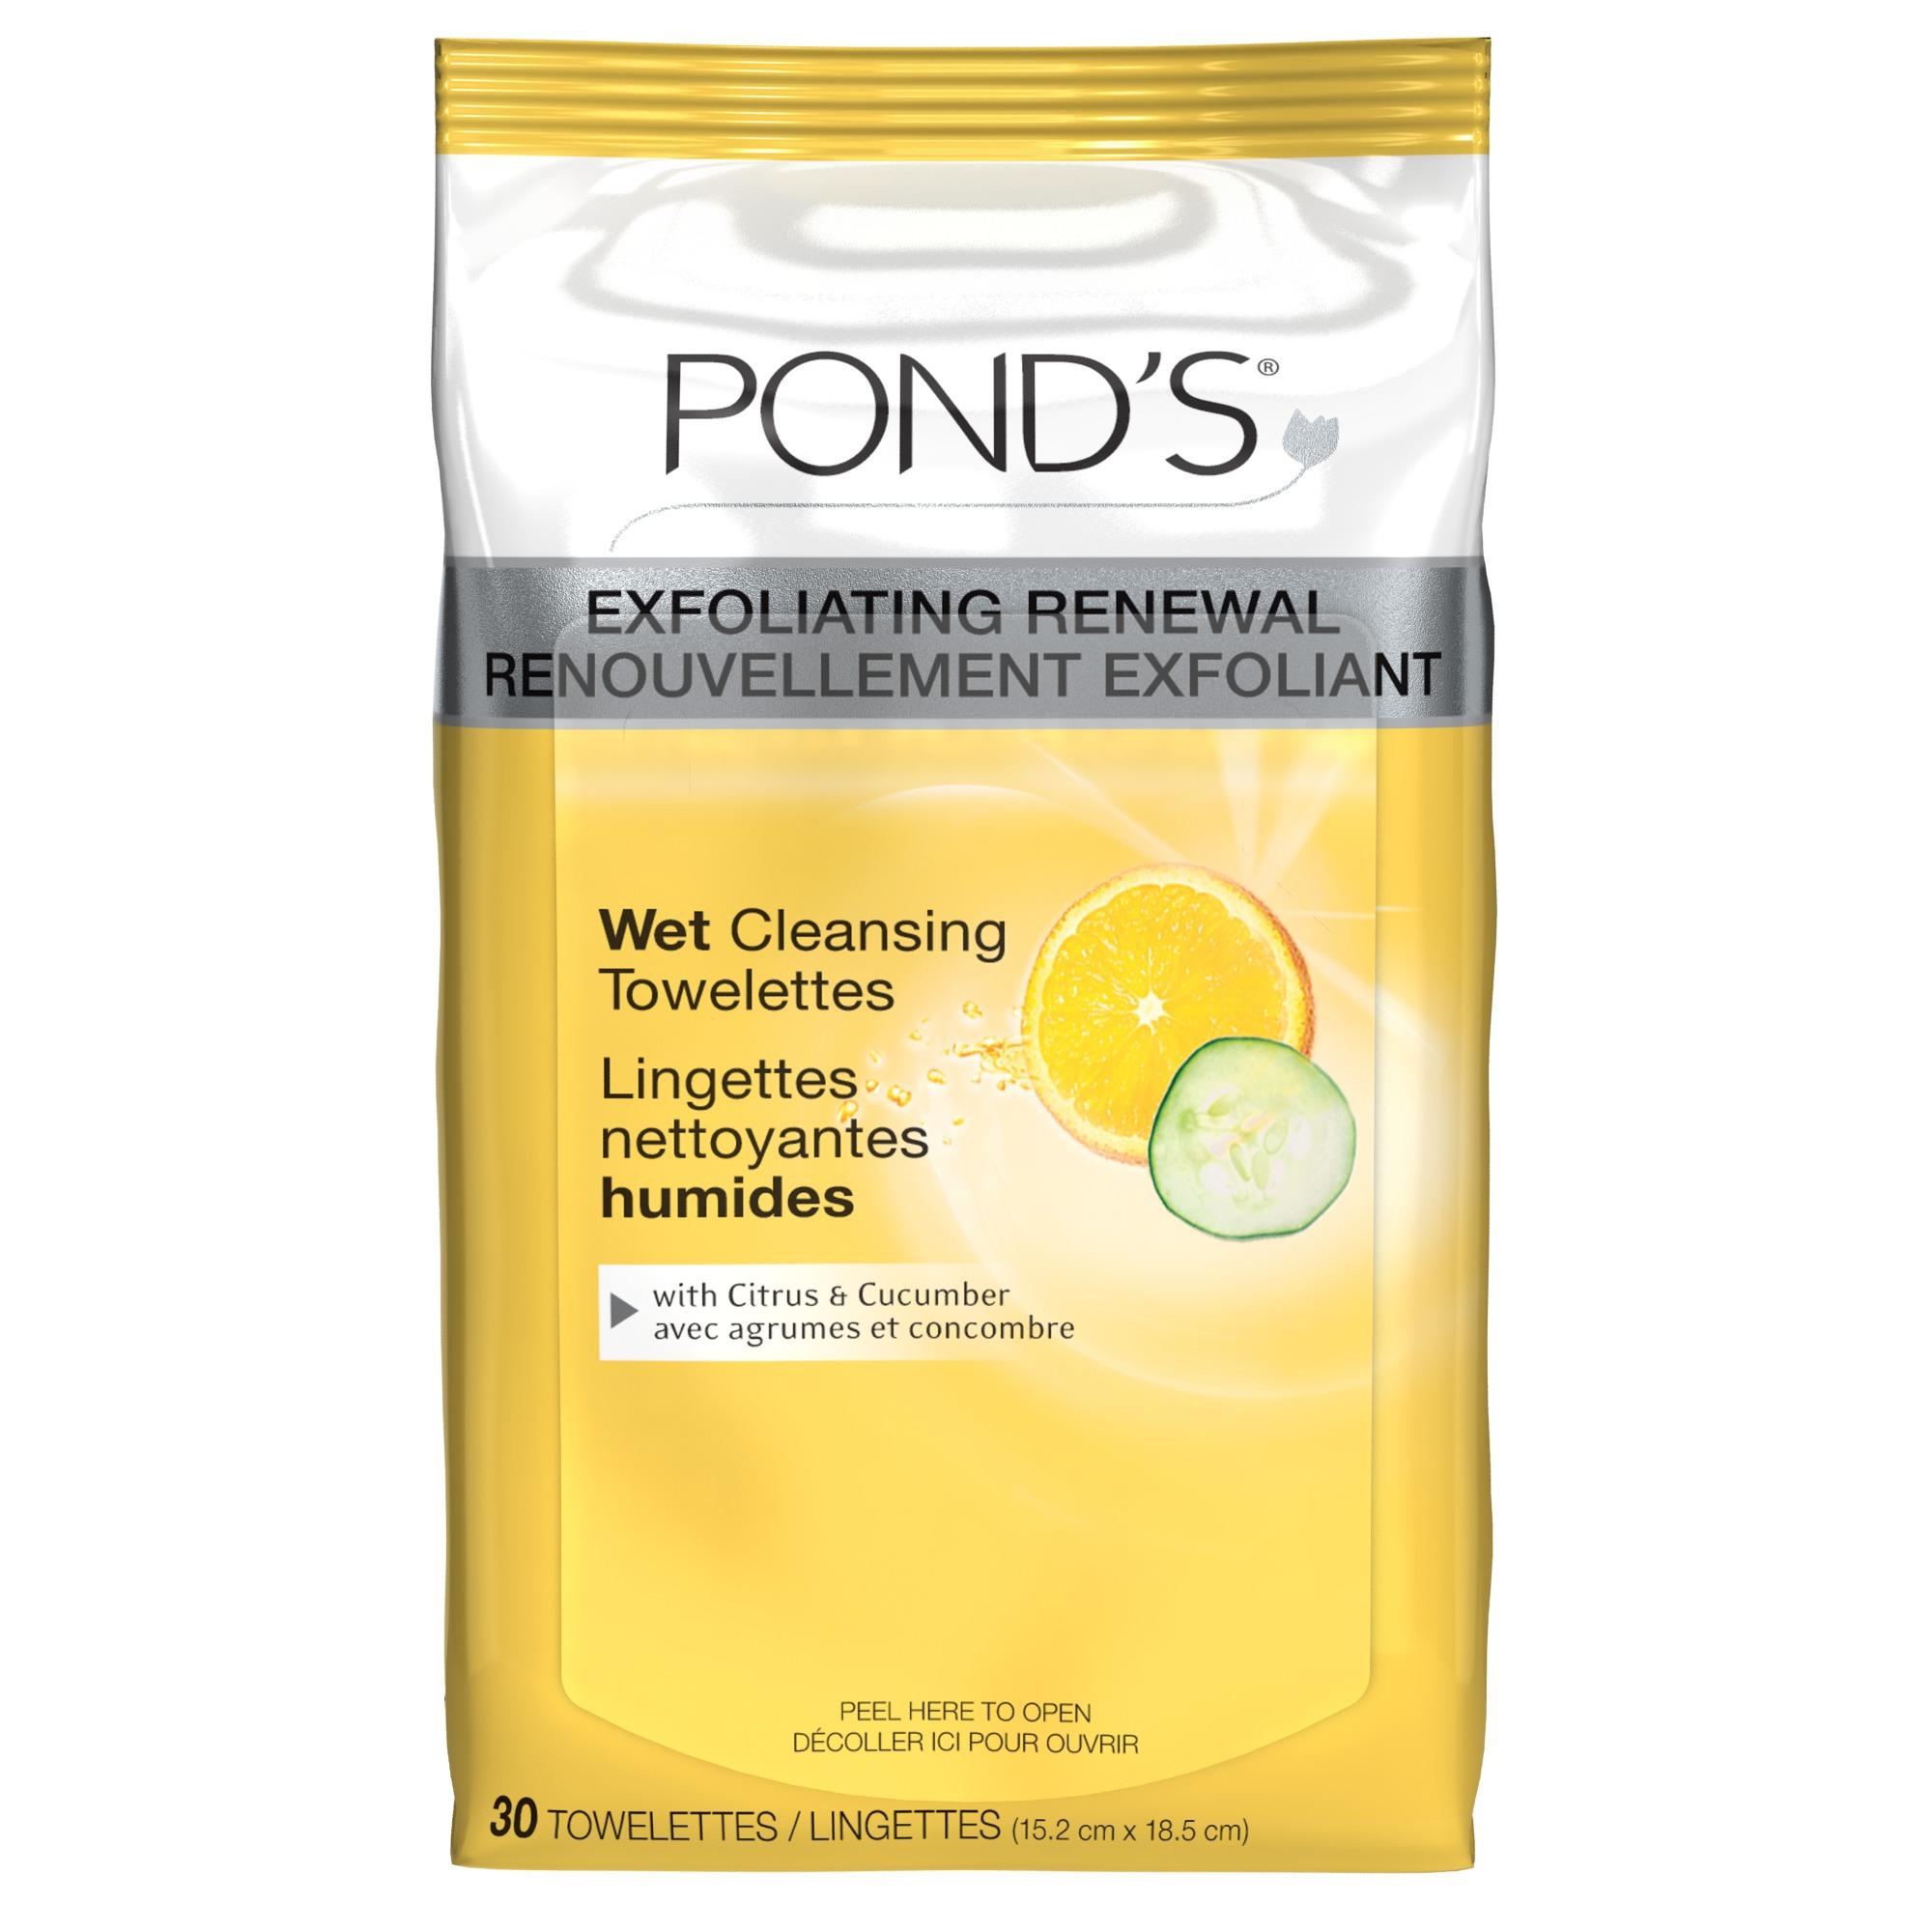 Ponds exfoliating facial wipes